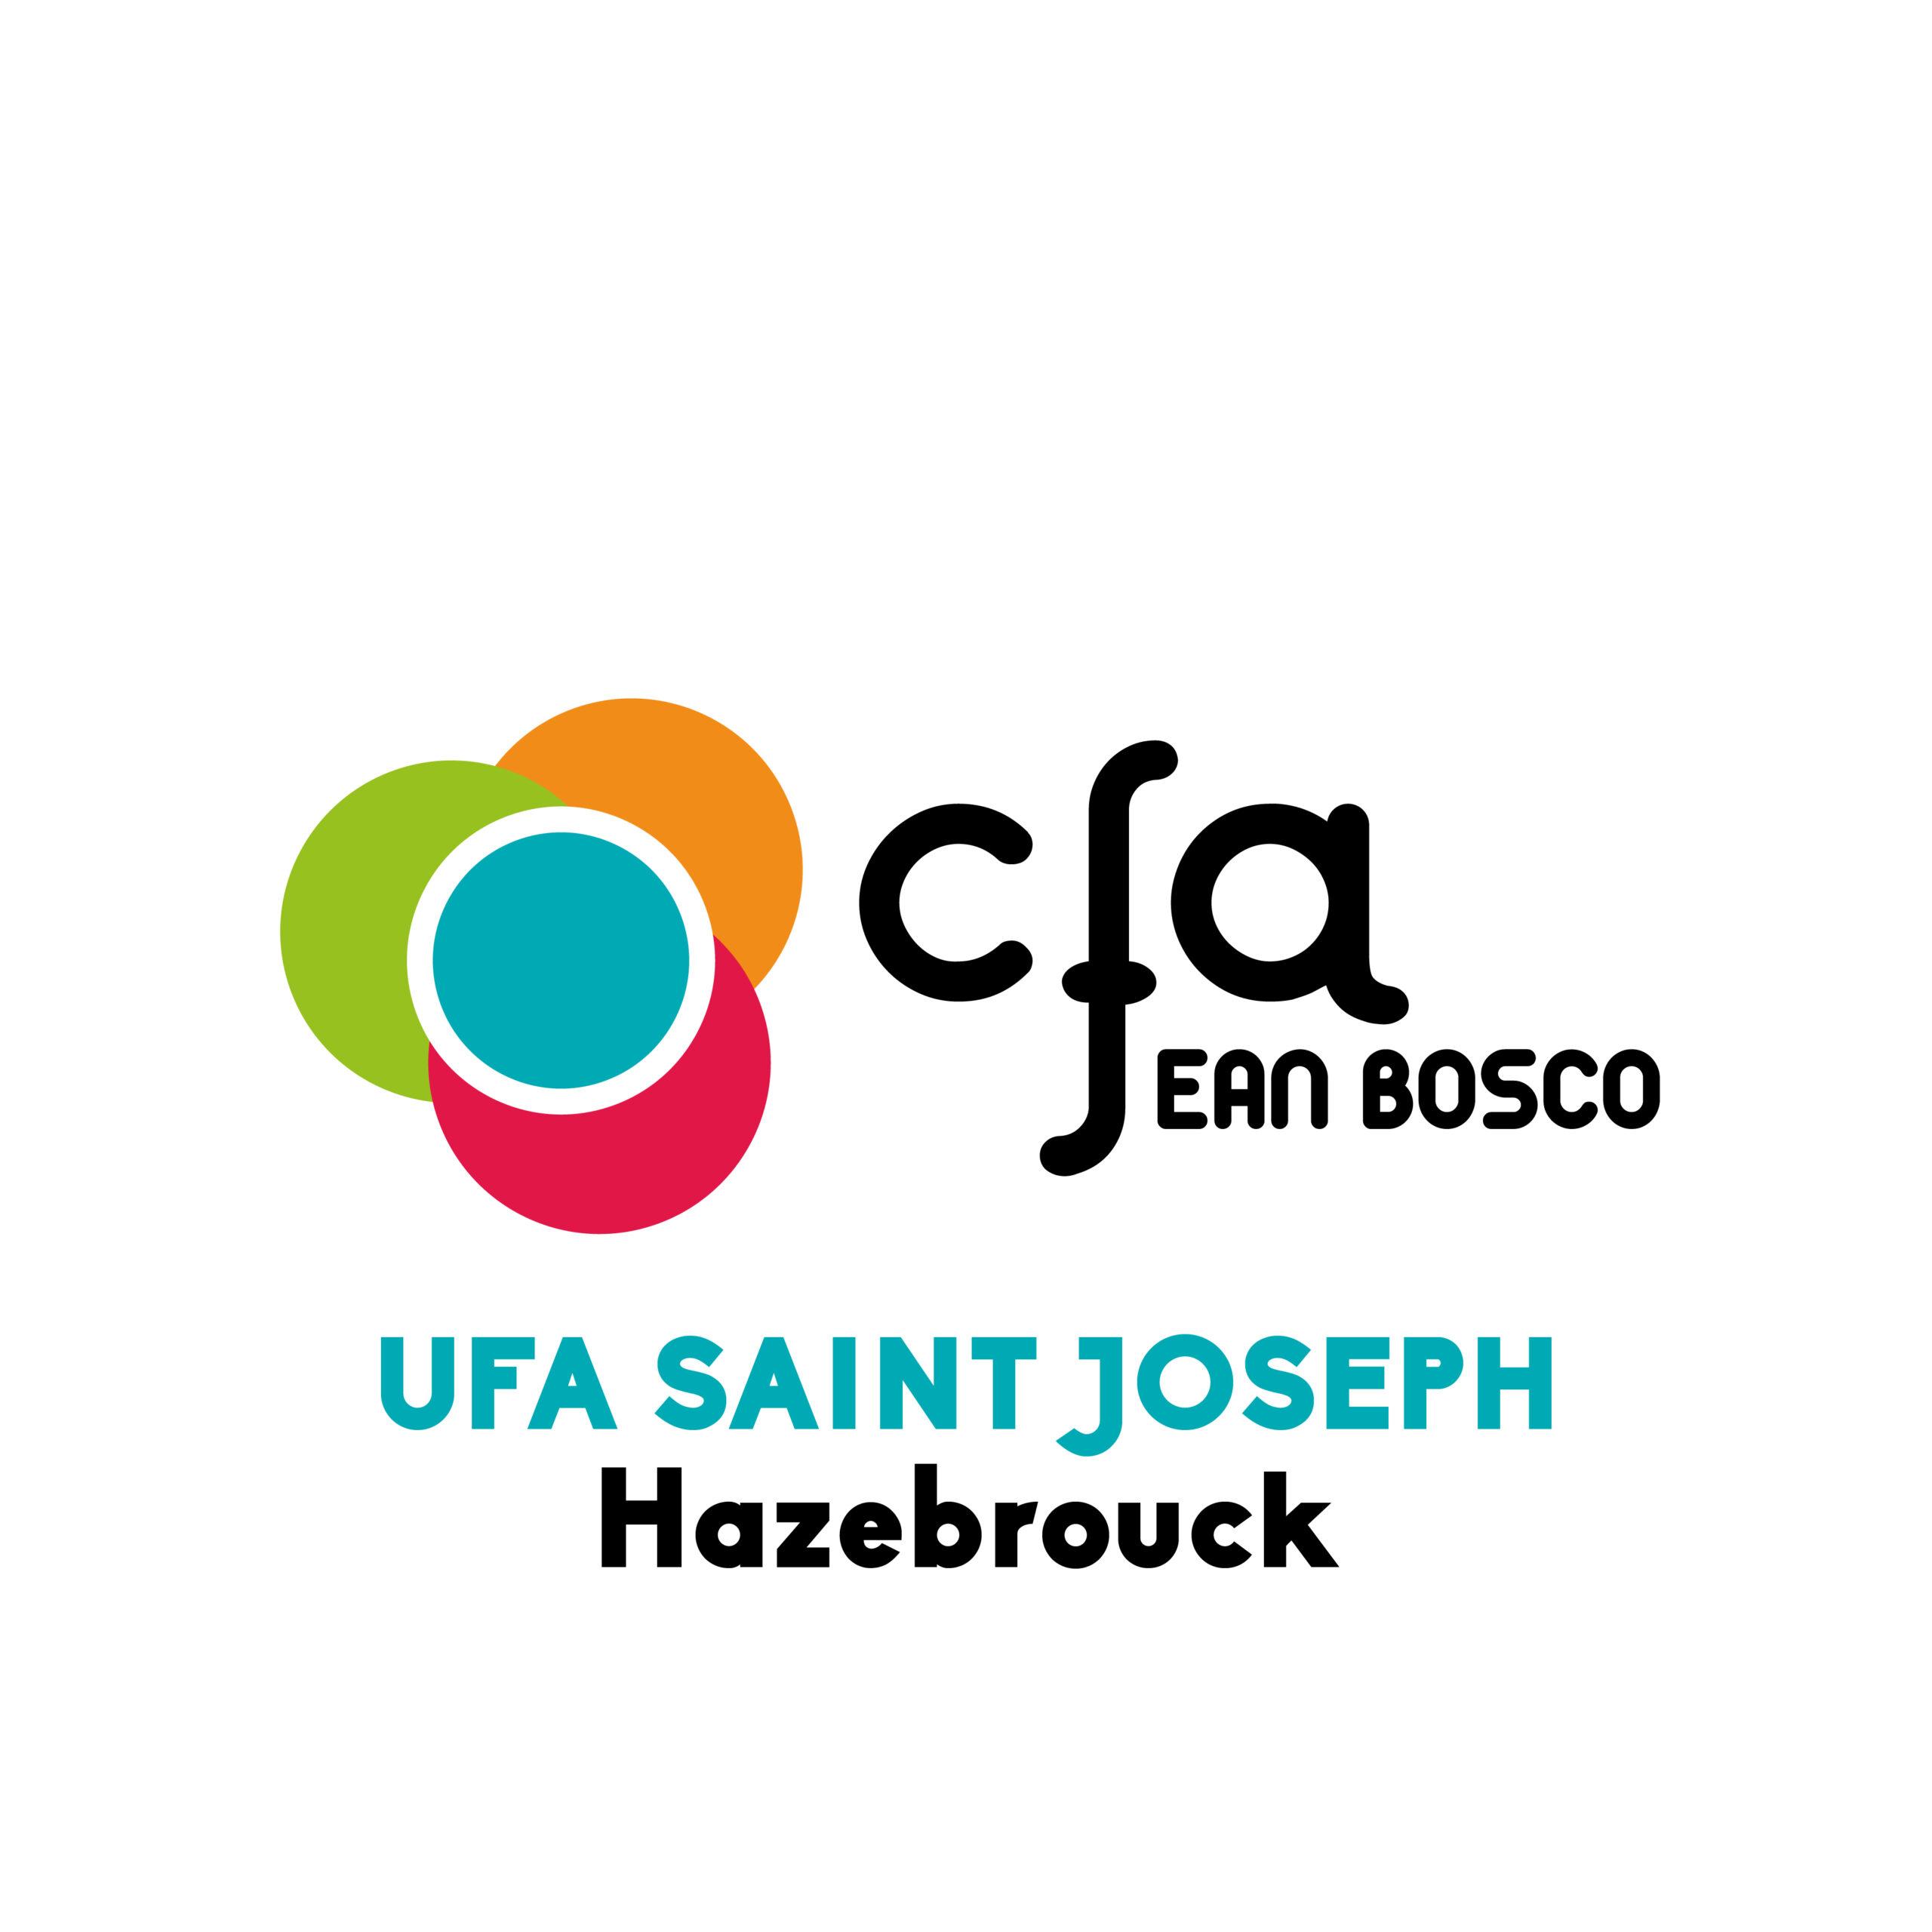 UFA SAINT JOSEPH Hazebrouck